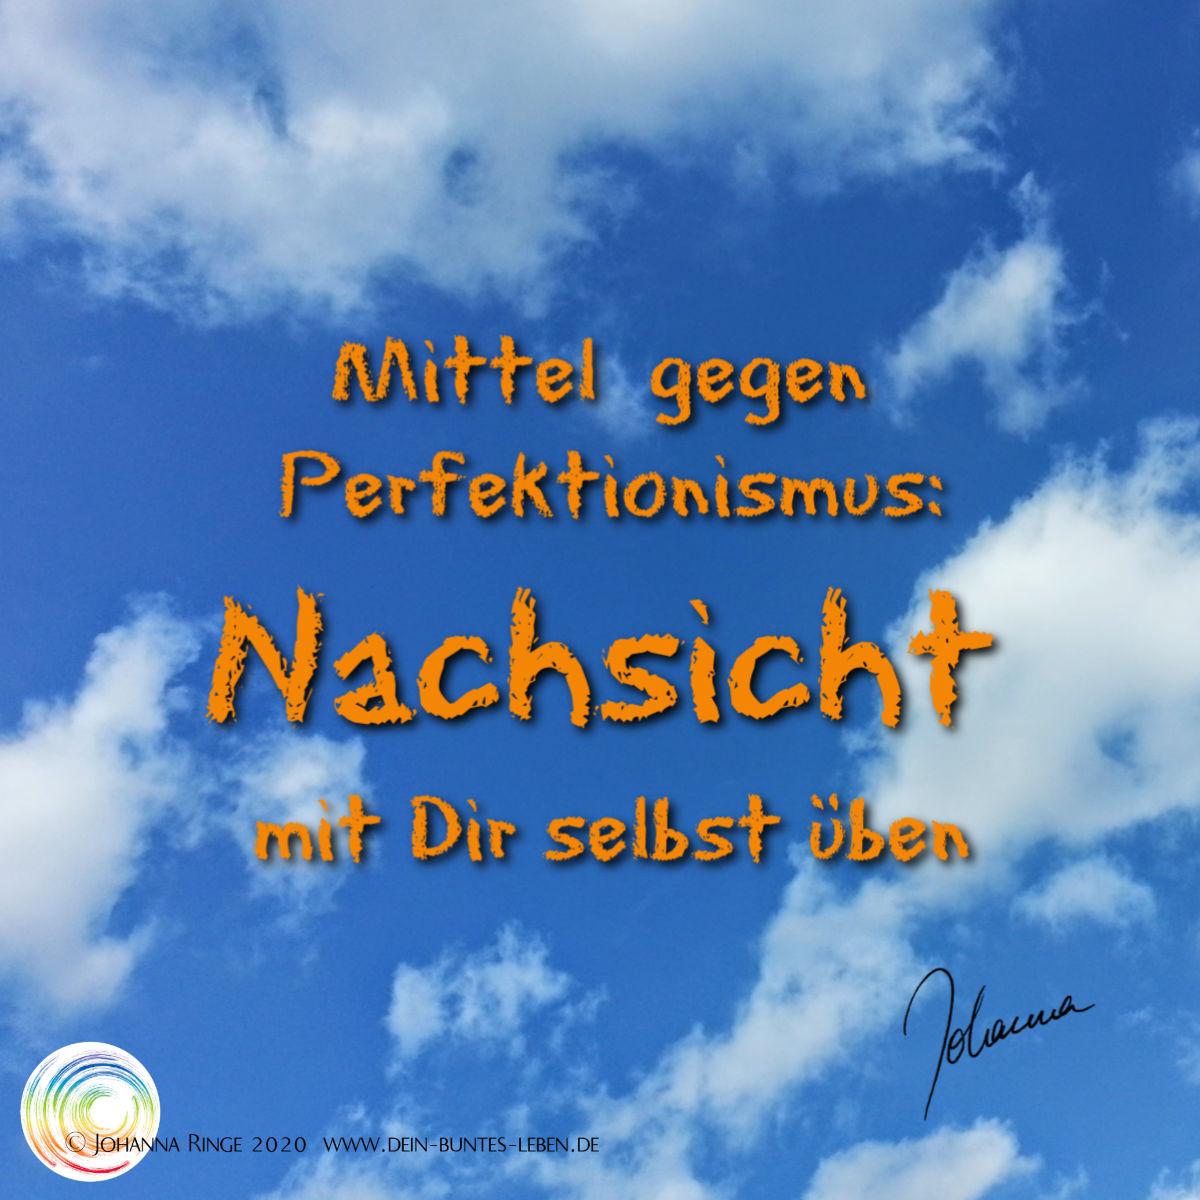 Mittel gegen Perfektionismus: Nachsicht mit Dir selbst üben. (Text über blauem Himmel) ©Johanna Ringe 2020 www.dein-buntes-leben.de